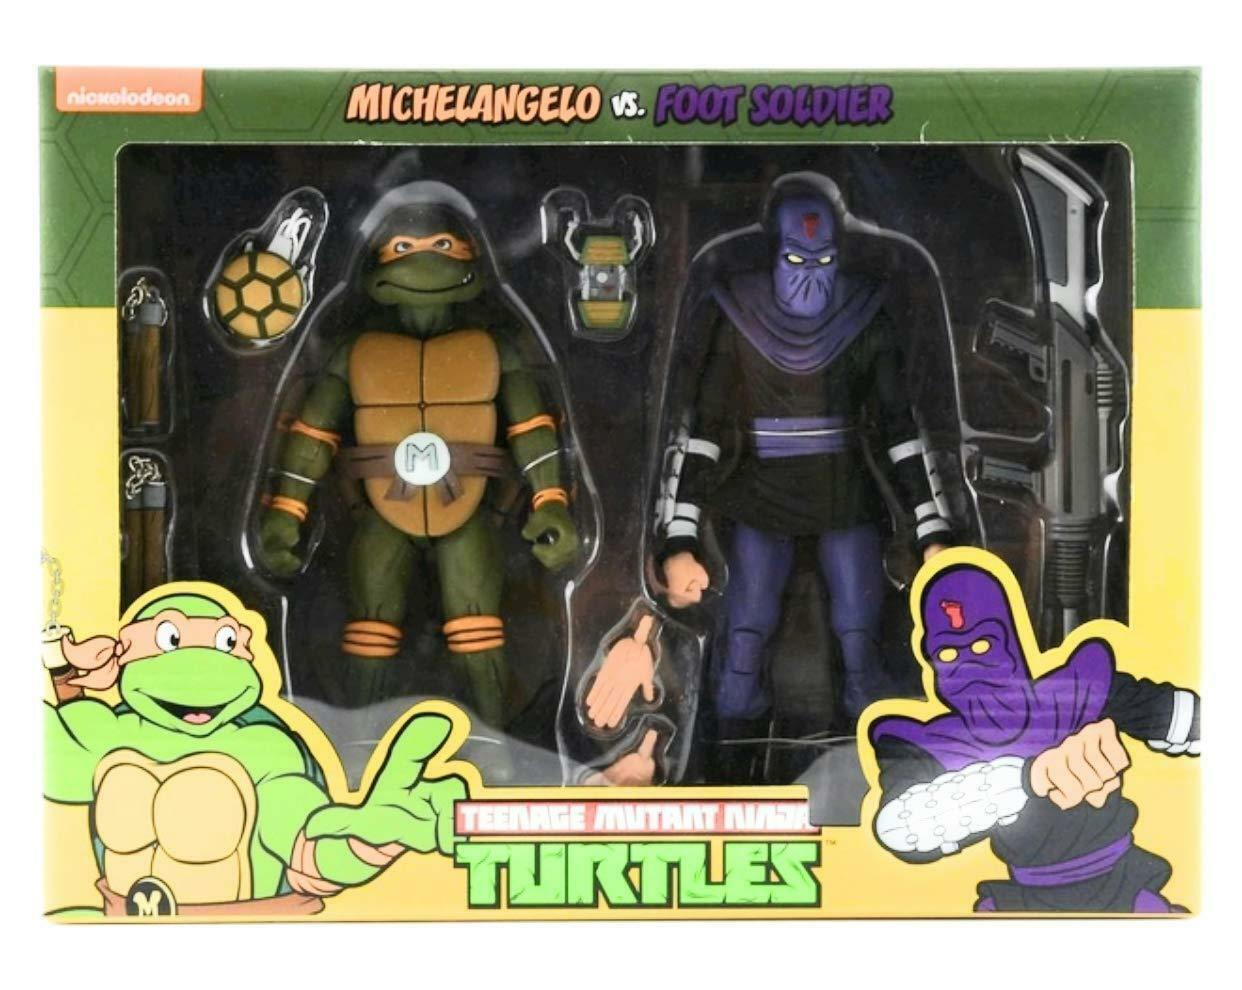 NECA Teenage Mutant Ninja Turtles MICHELANGELO VS FOOT SOLDIERS 2Pack 6 cifra